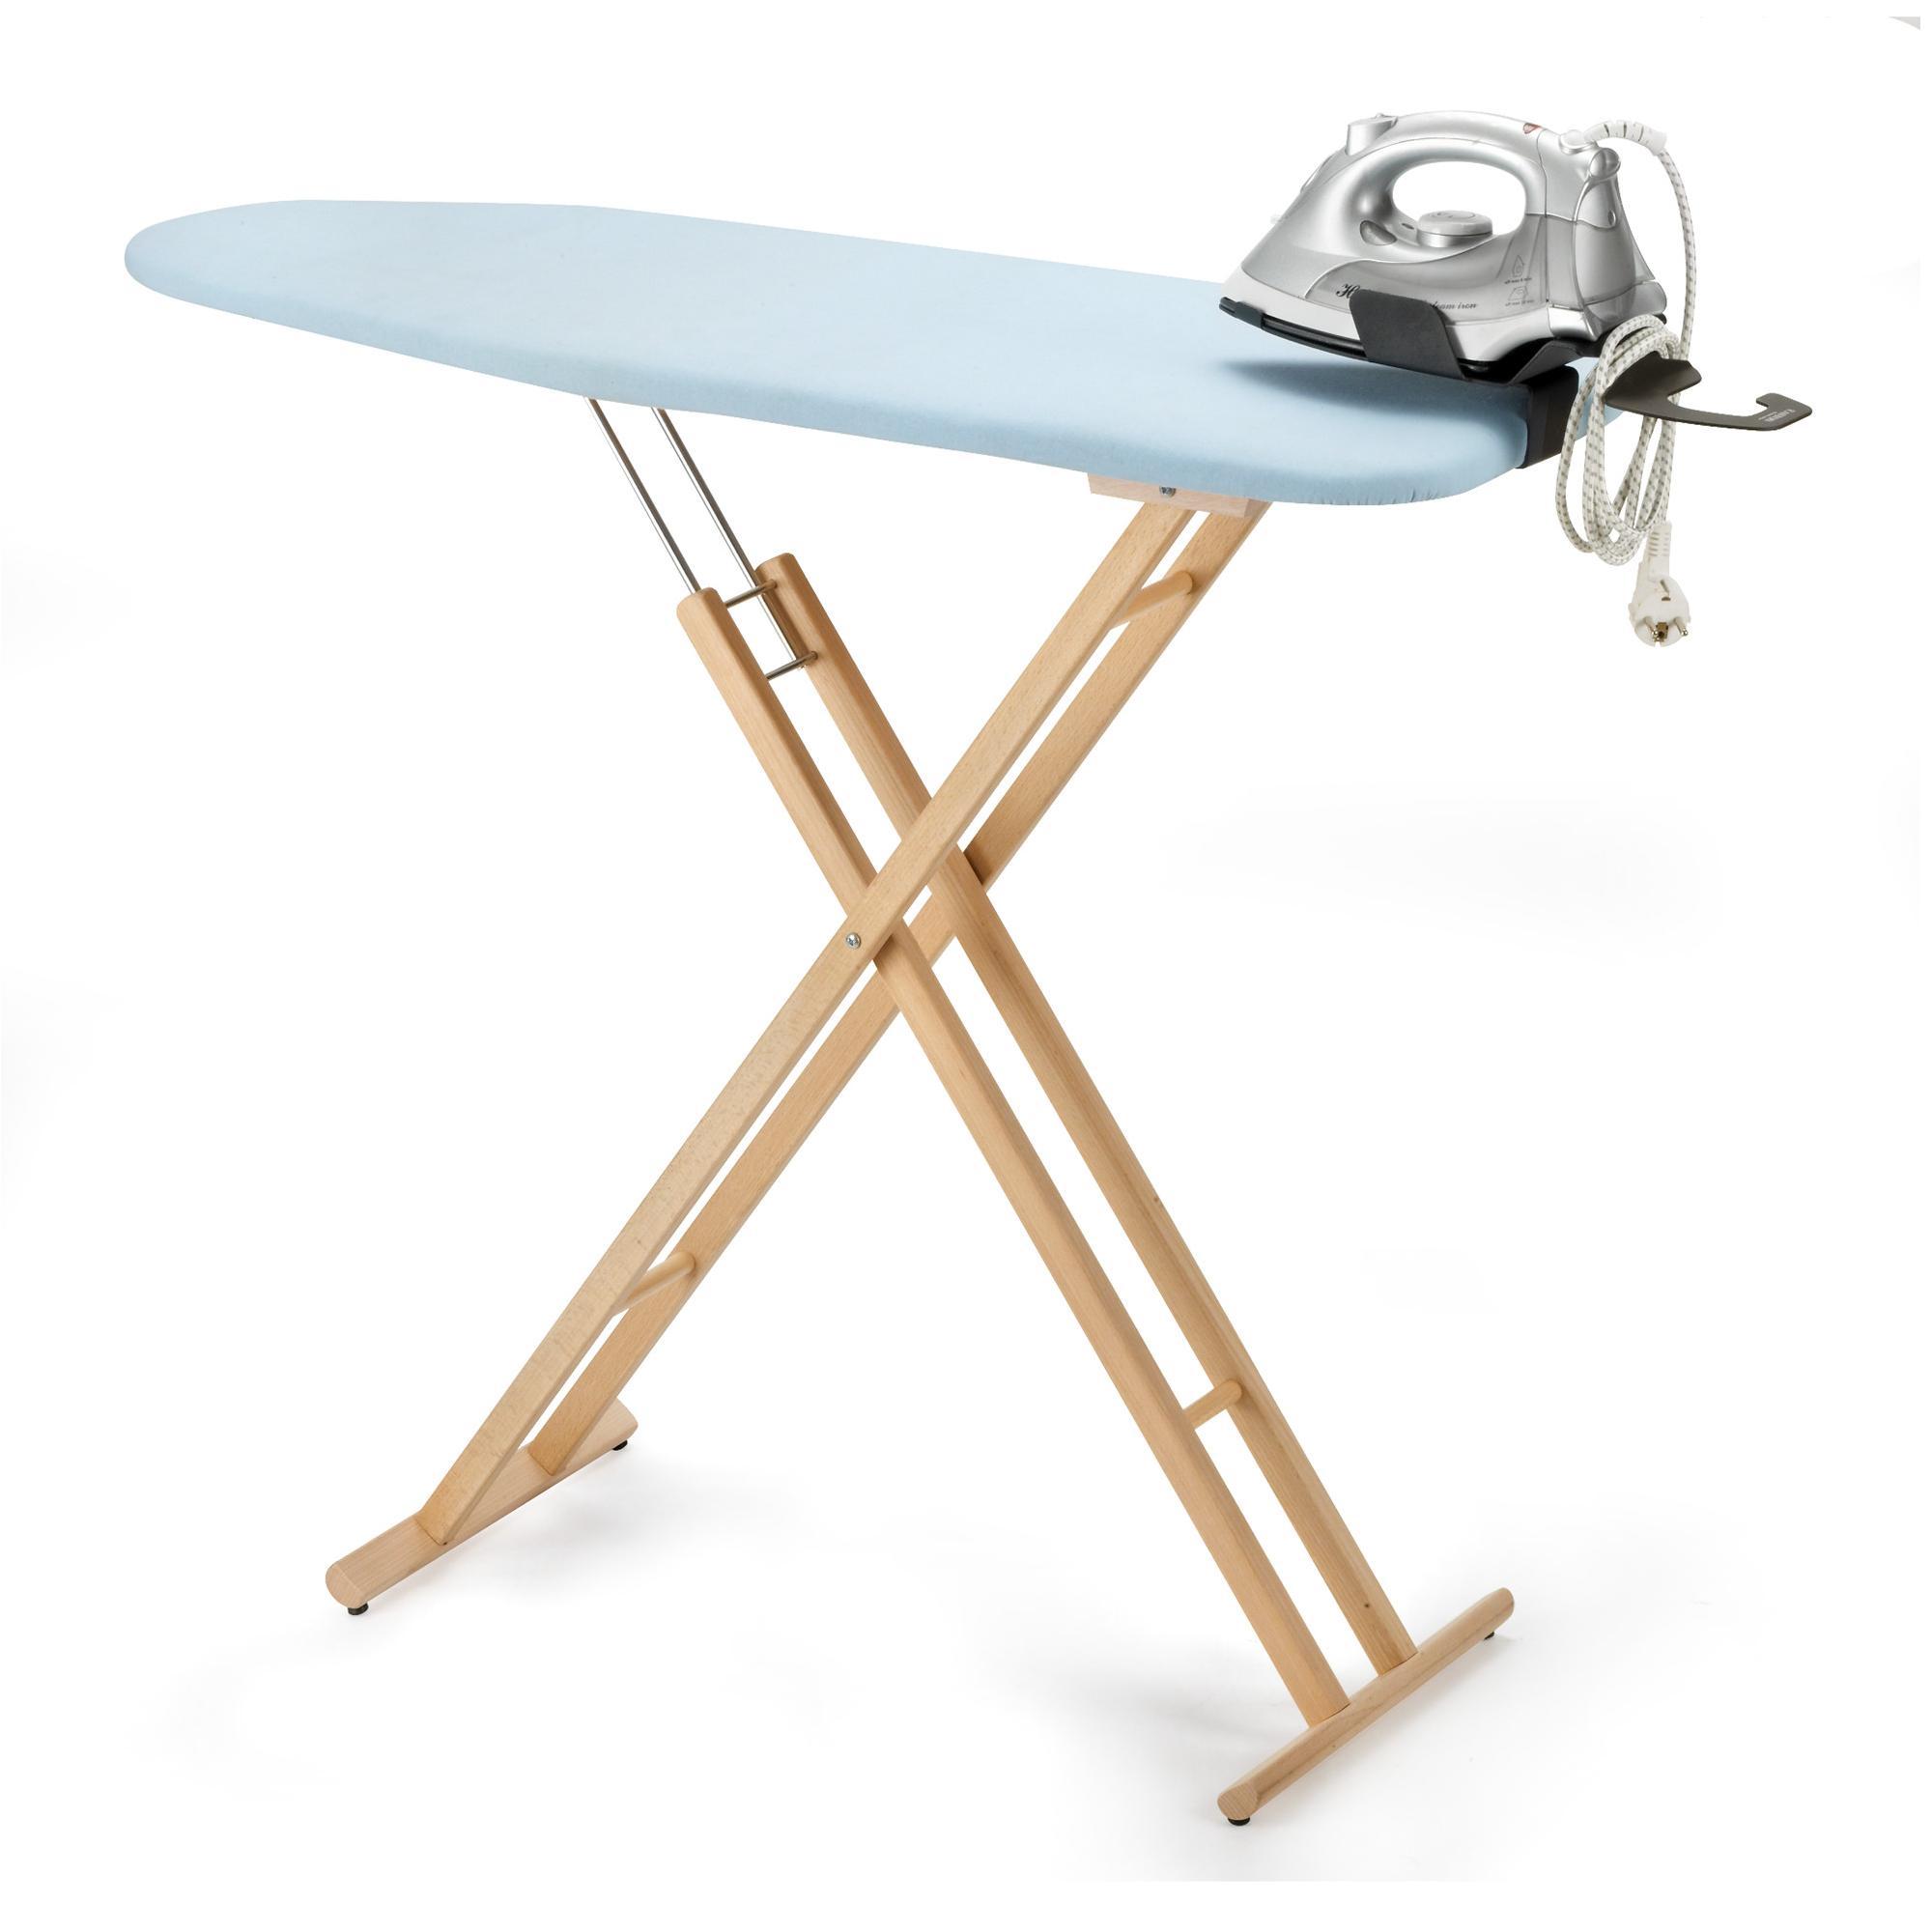 Asse da stiro pieghevole da tavolo in legno peso kg - Asse da stiro da tavolo ...